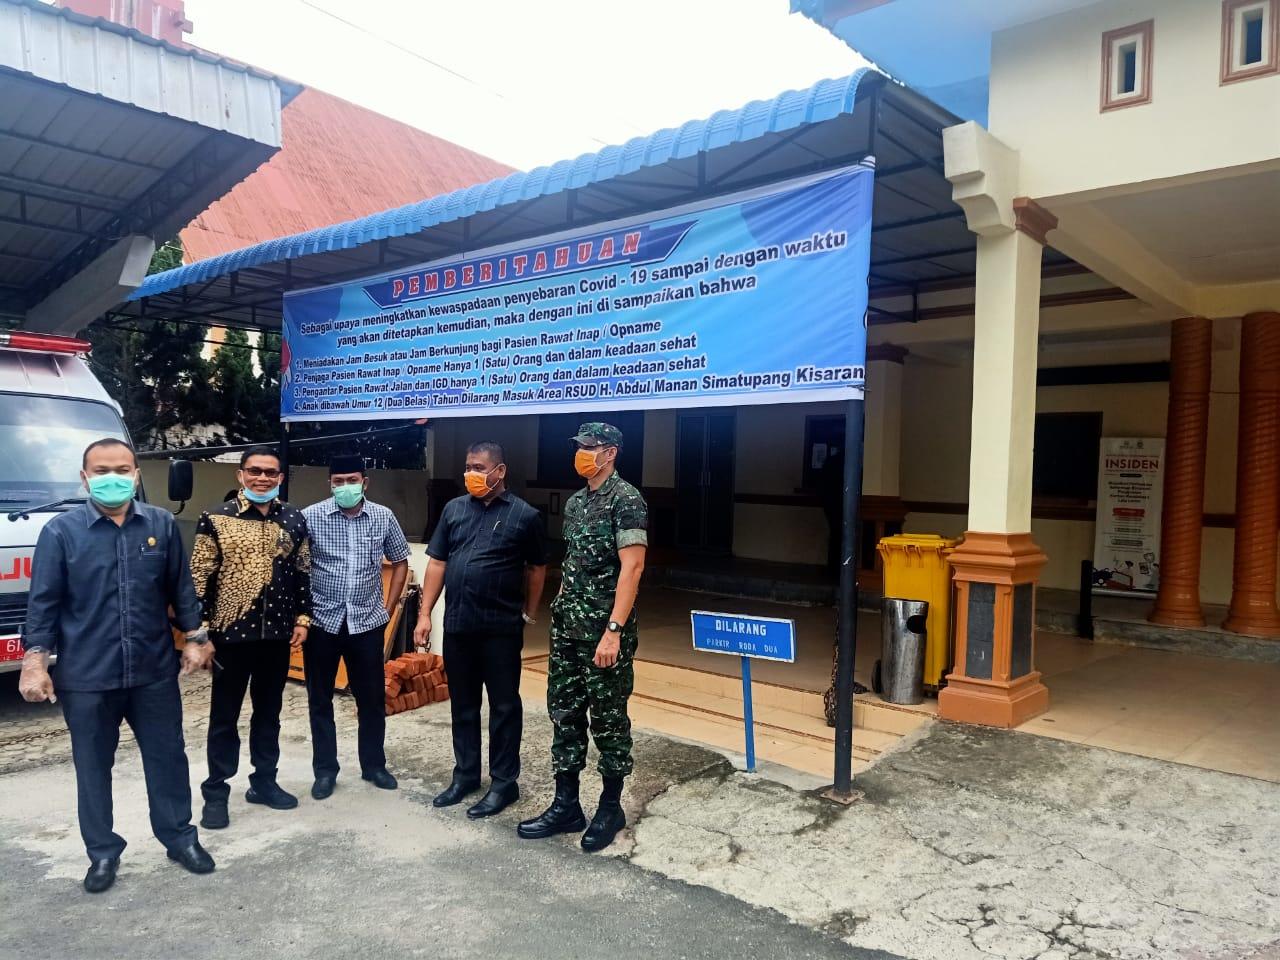 Anggota DPRD Sumut Santoso Sidak Kesiapan RSUD HAMS Kisaran Menghadapi Covid-19